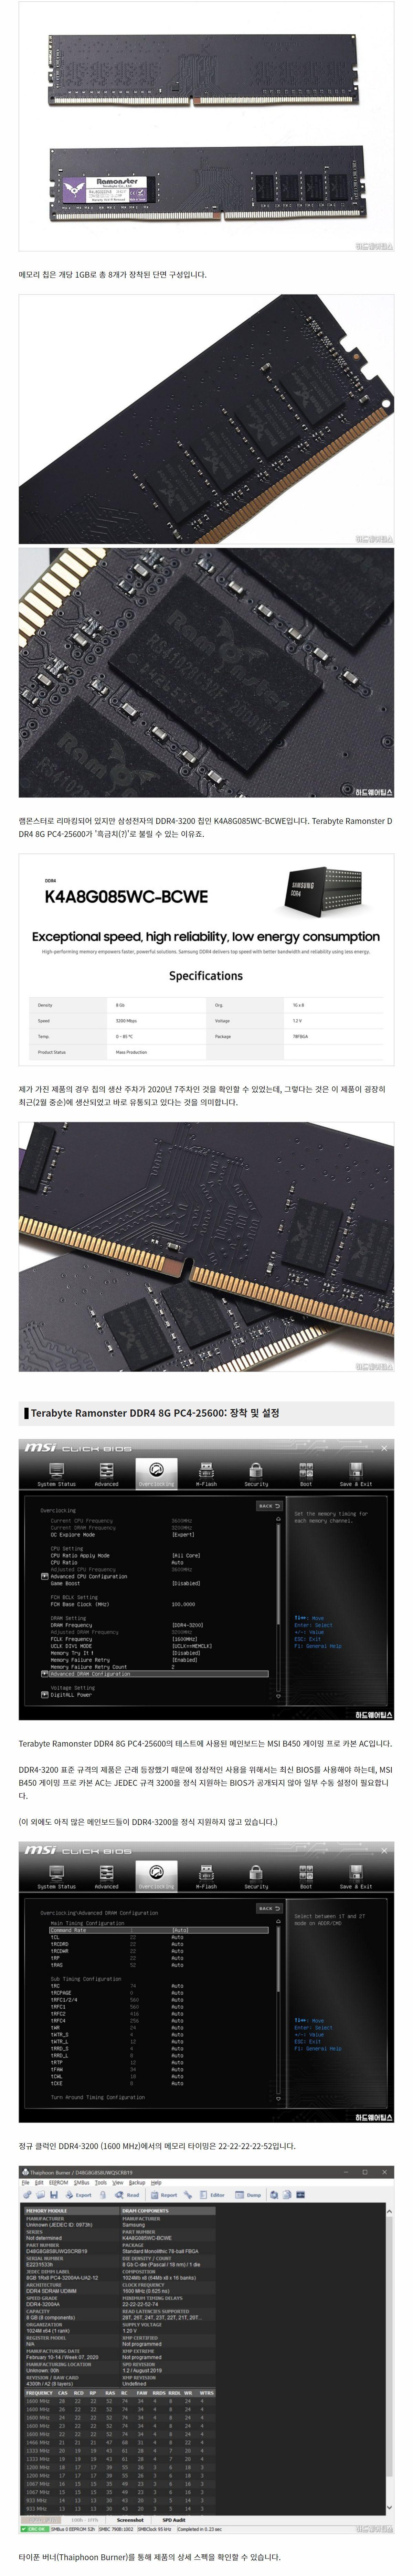 Terabyte Ramonster DDR4 8G PC4-25600 2.jpg